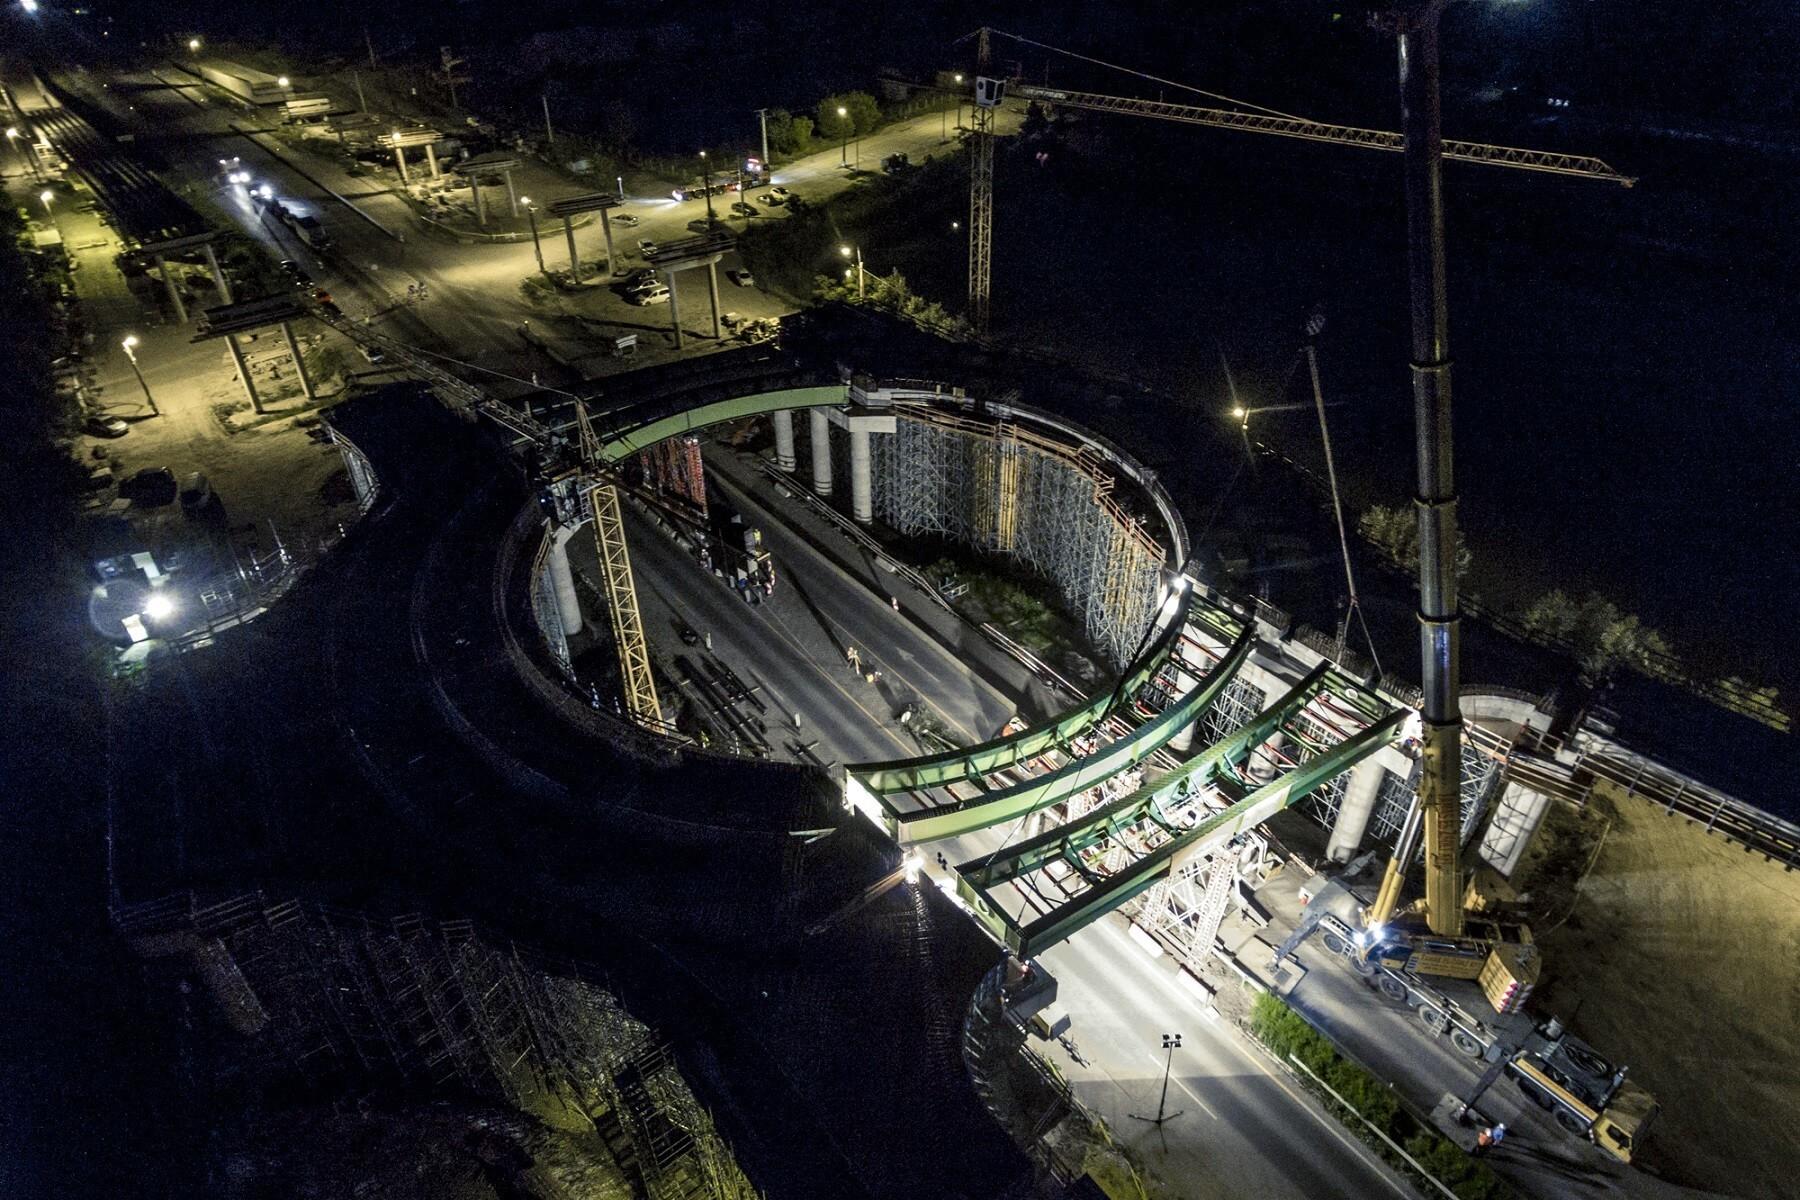 Éjjel emelte be a négyszáz tonnás daru a hódmezővásárhelyi körhíd gerendáit